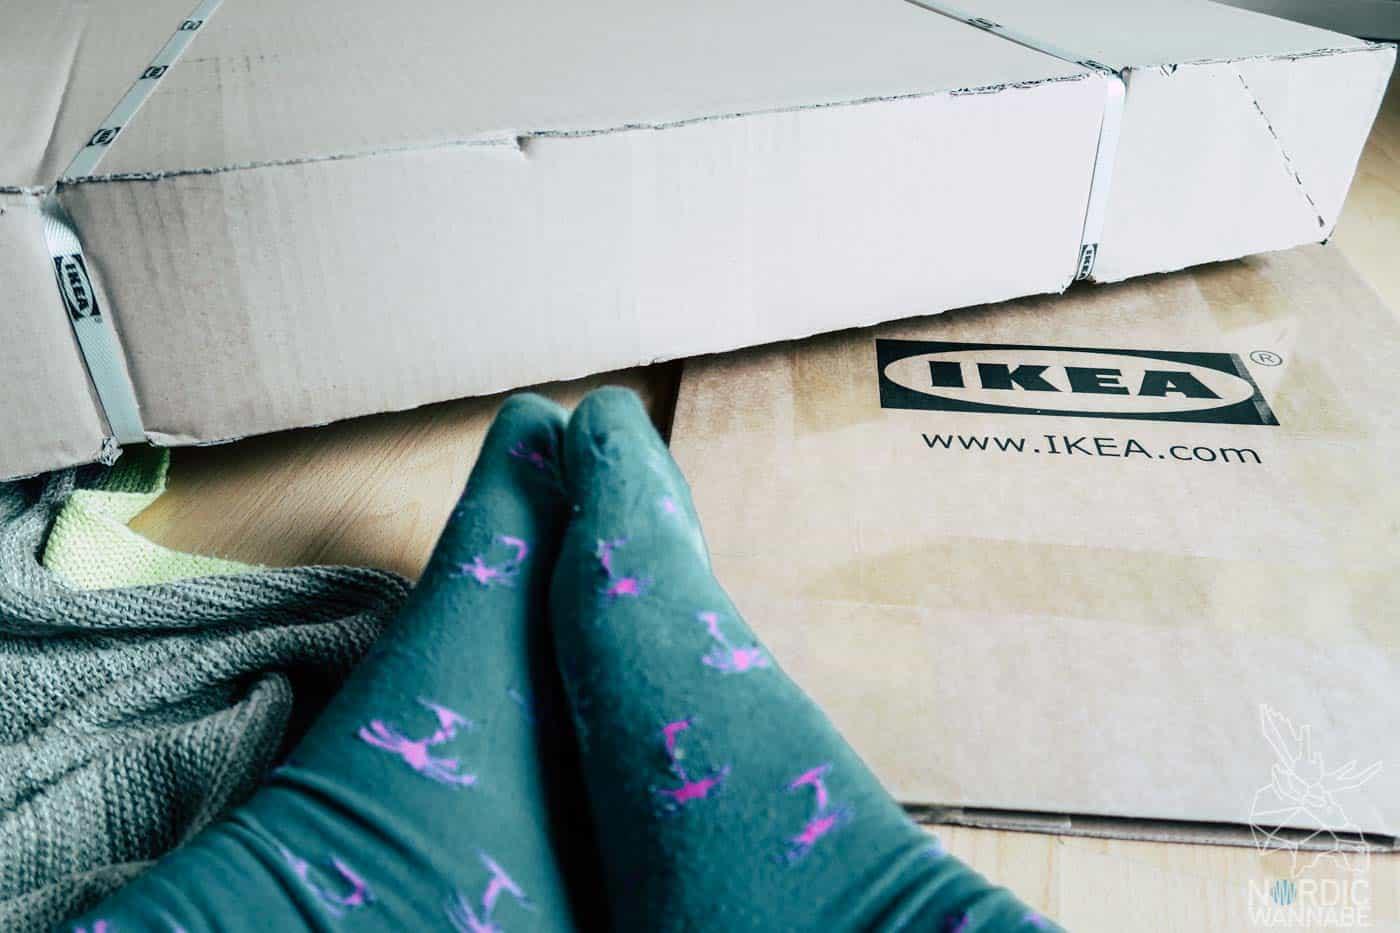 test bei ikea online bestellen meine erfahrungen. Black Bedroom Furniture Sets. Home Design Ideas